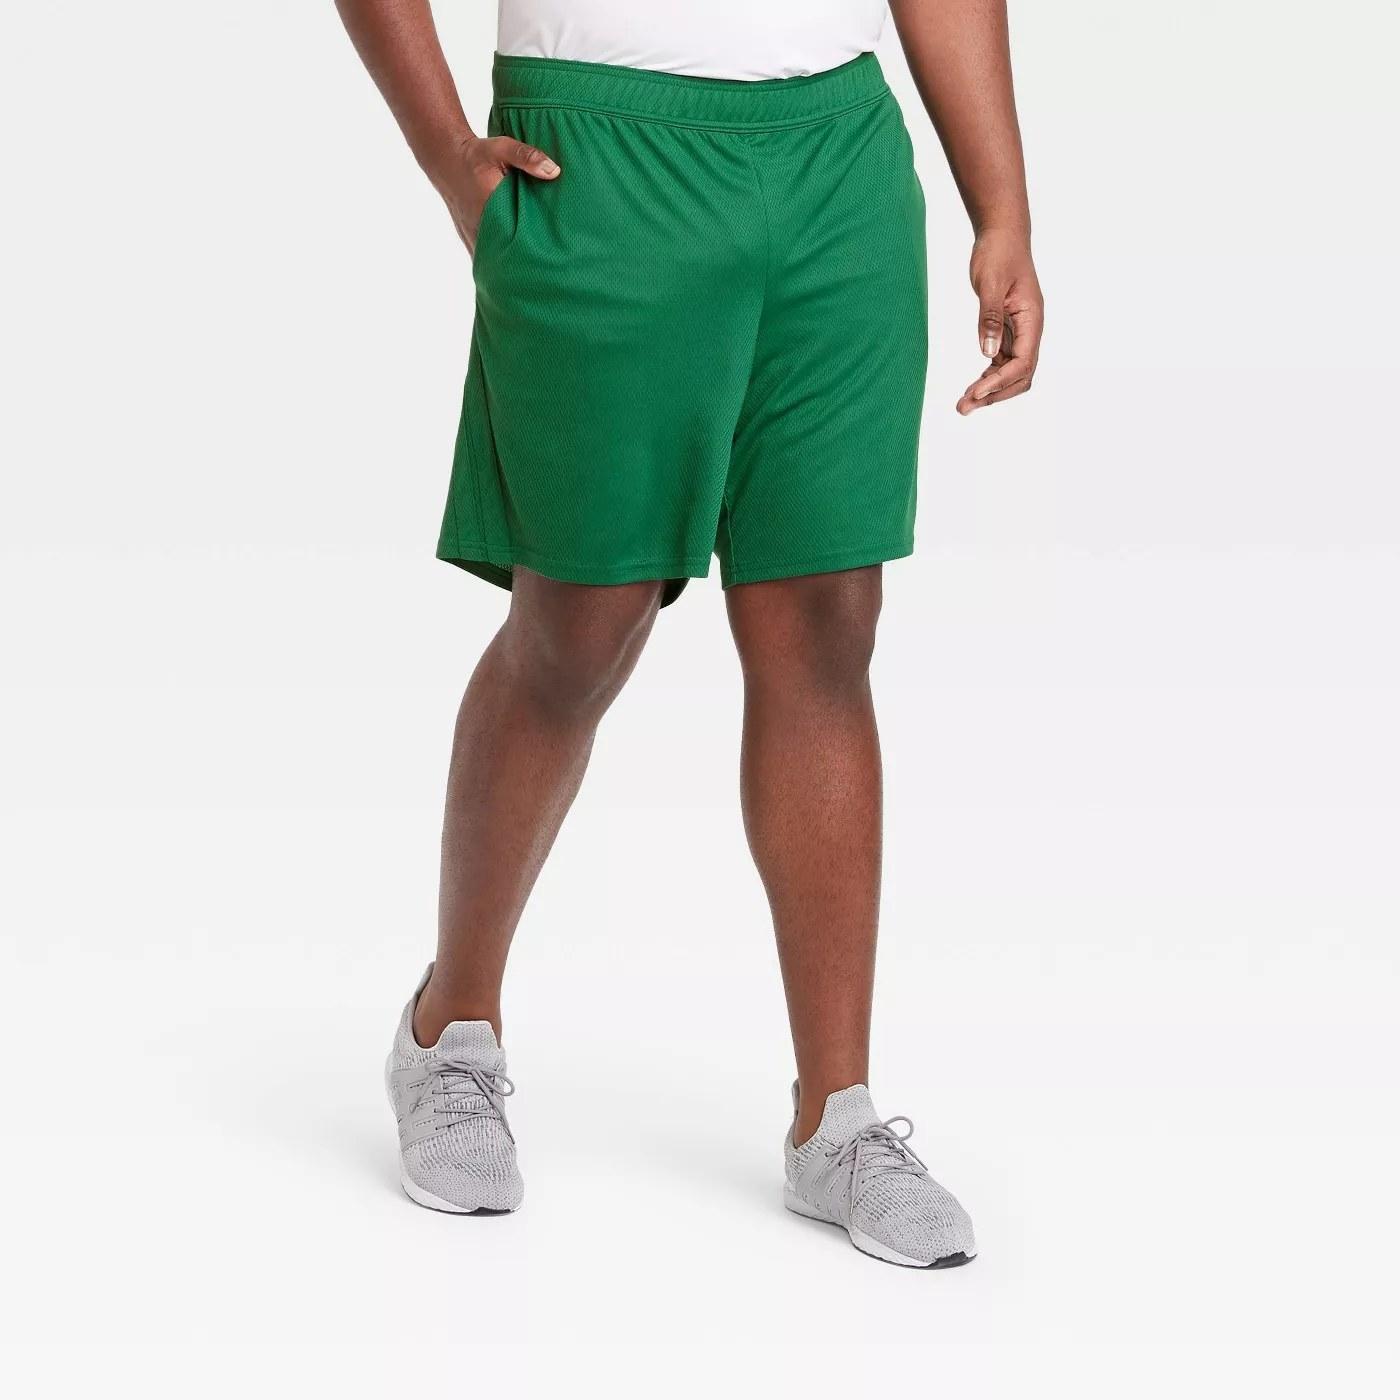 A green pair of basketball shorts